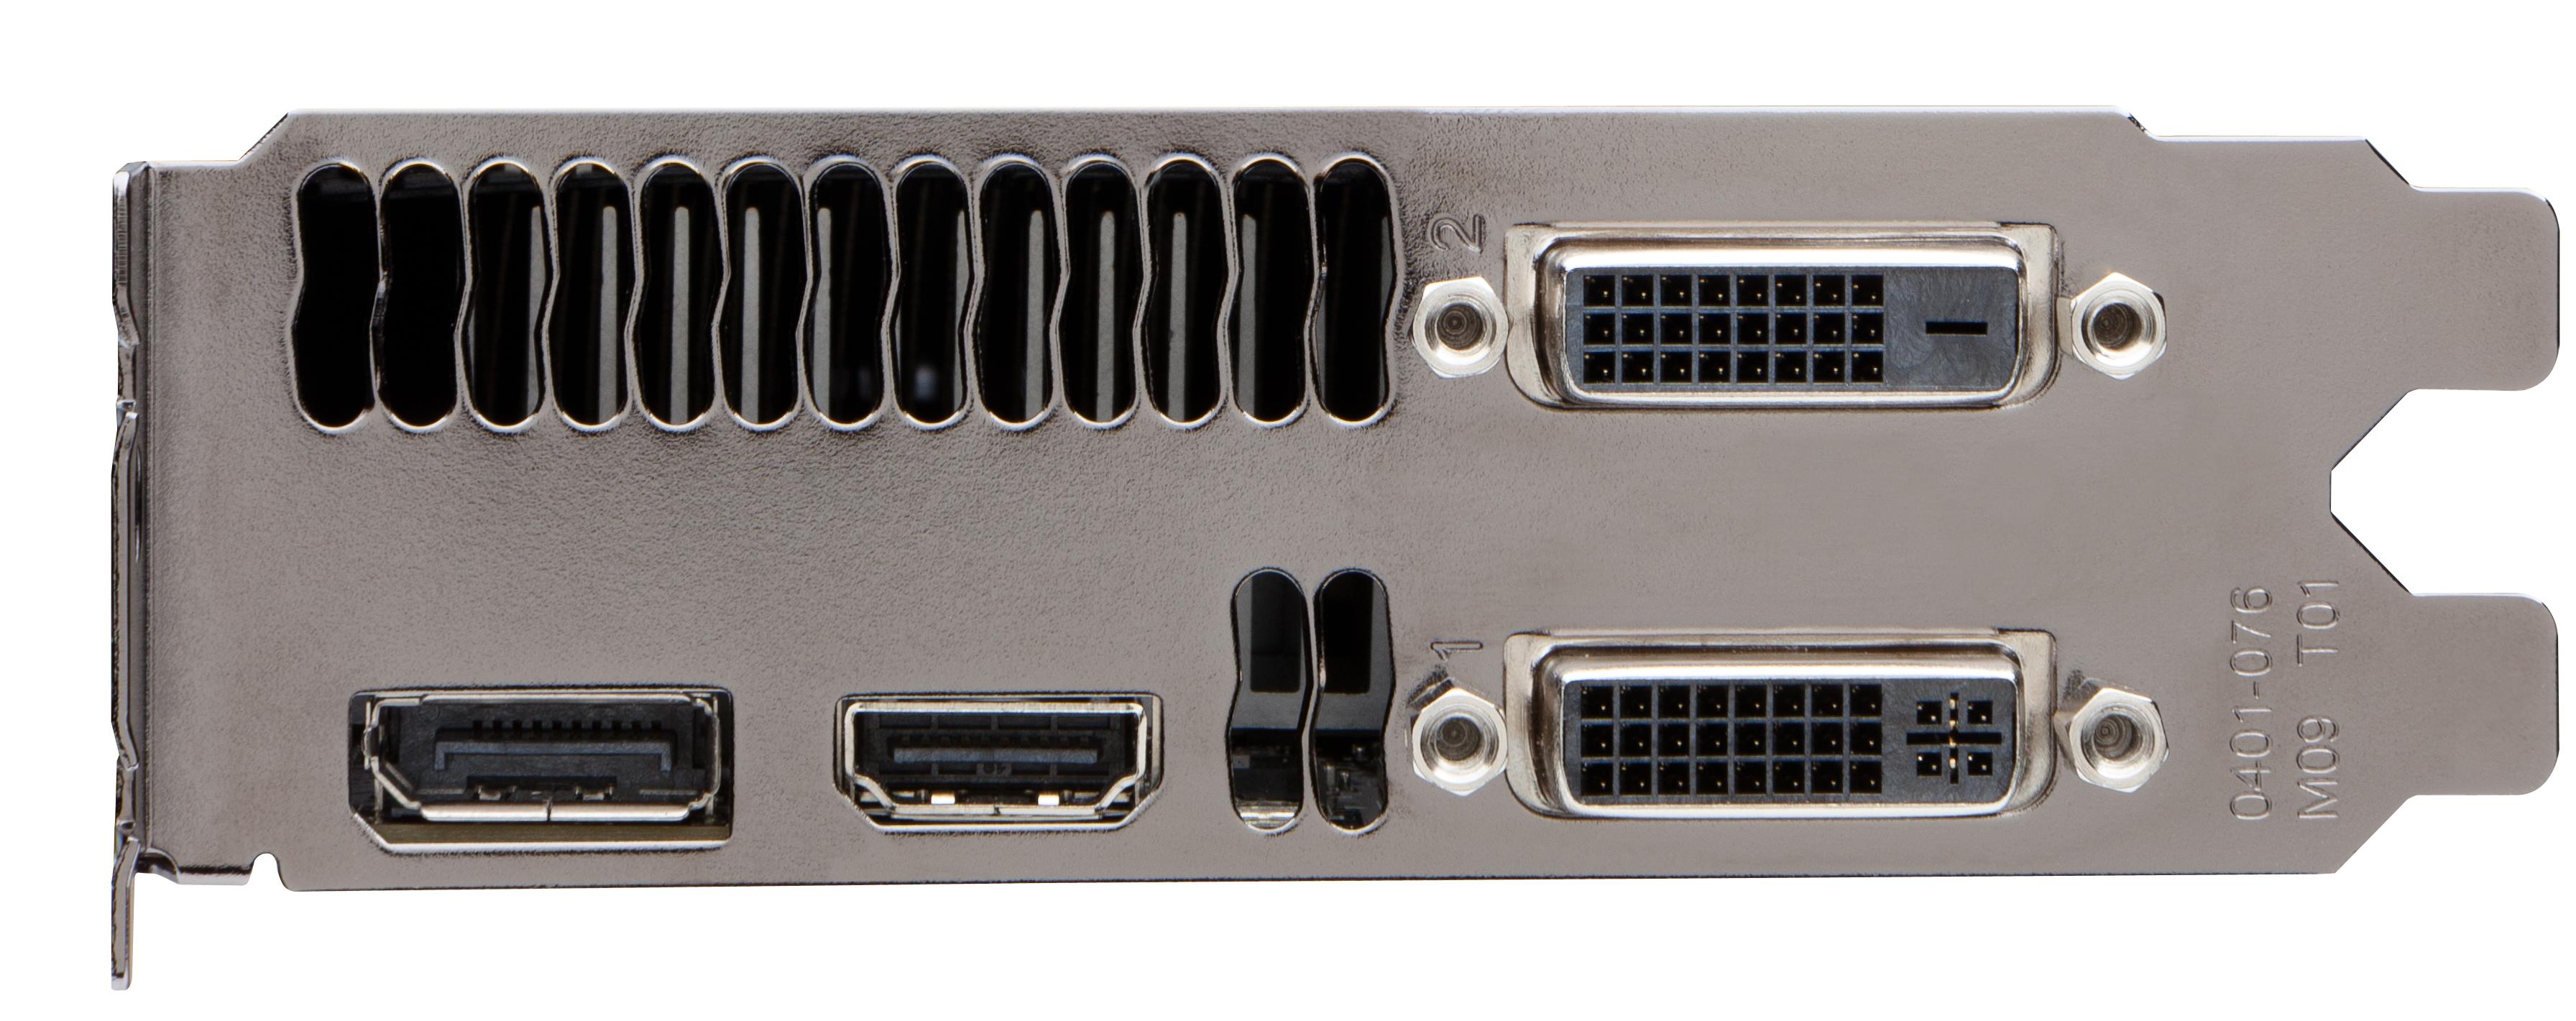 Meet The GeForce GTX 660